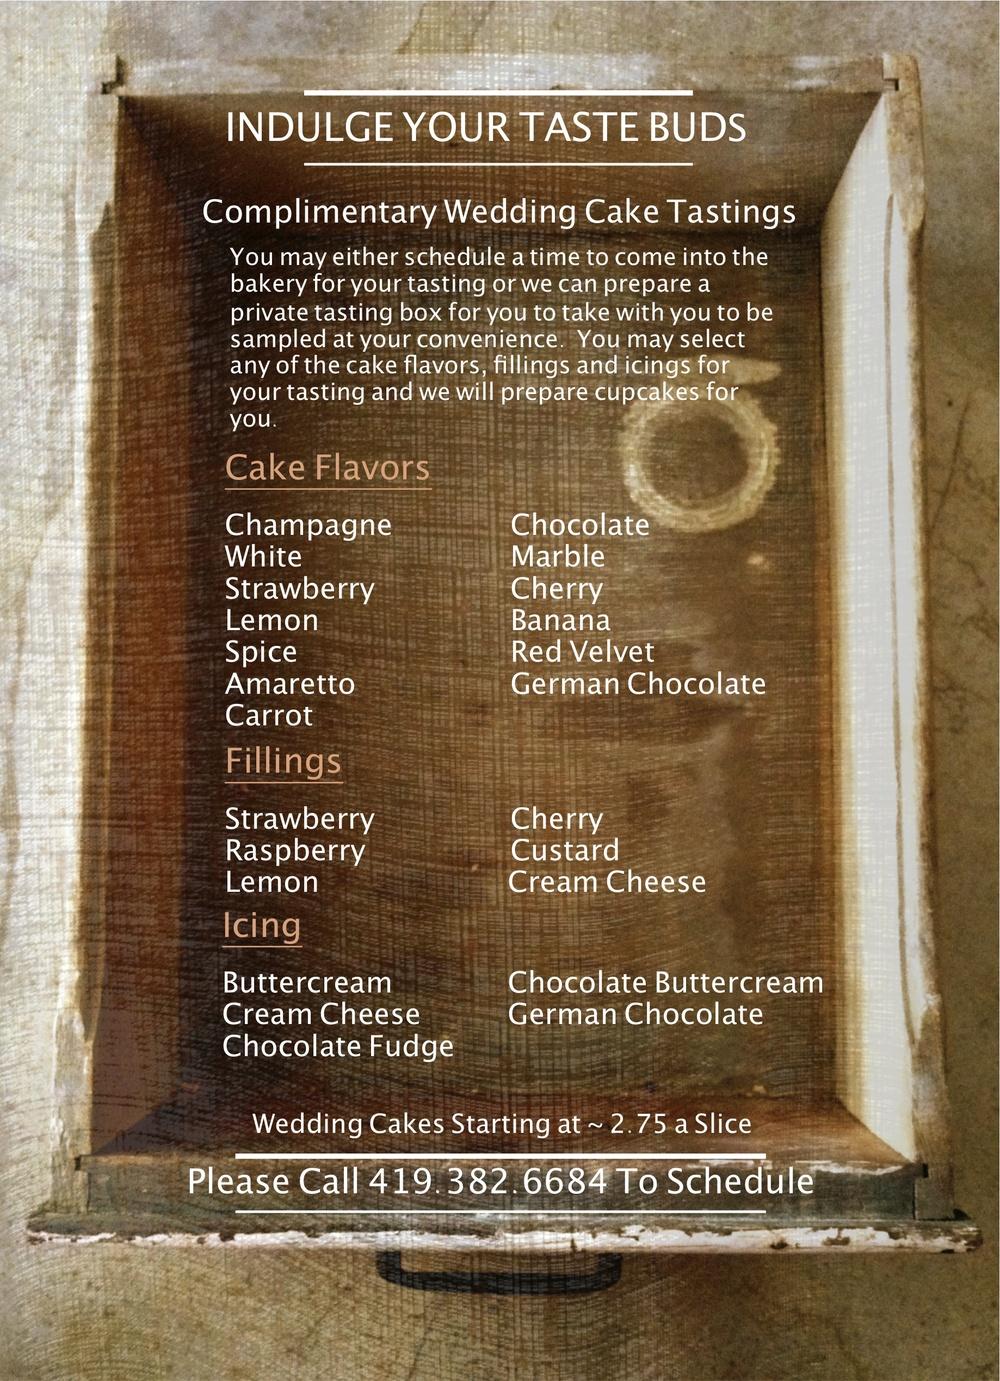 CakeTaste_back_revised 03 24 12.jpg